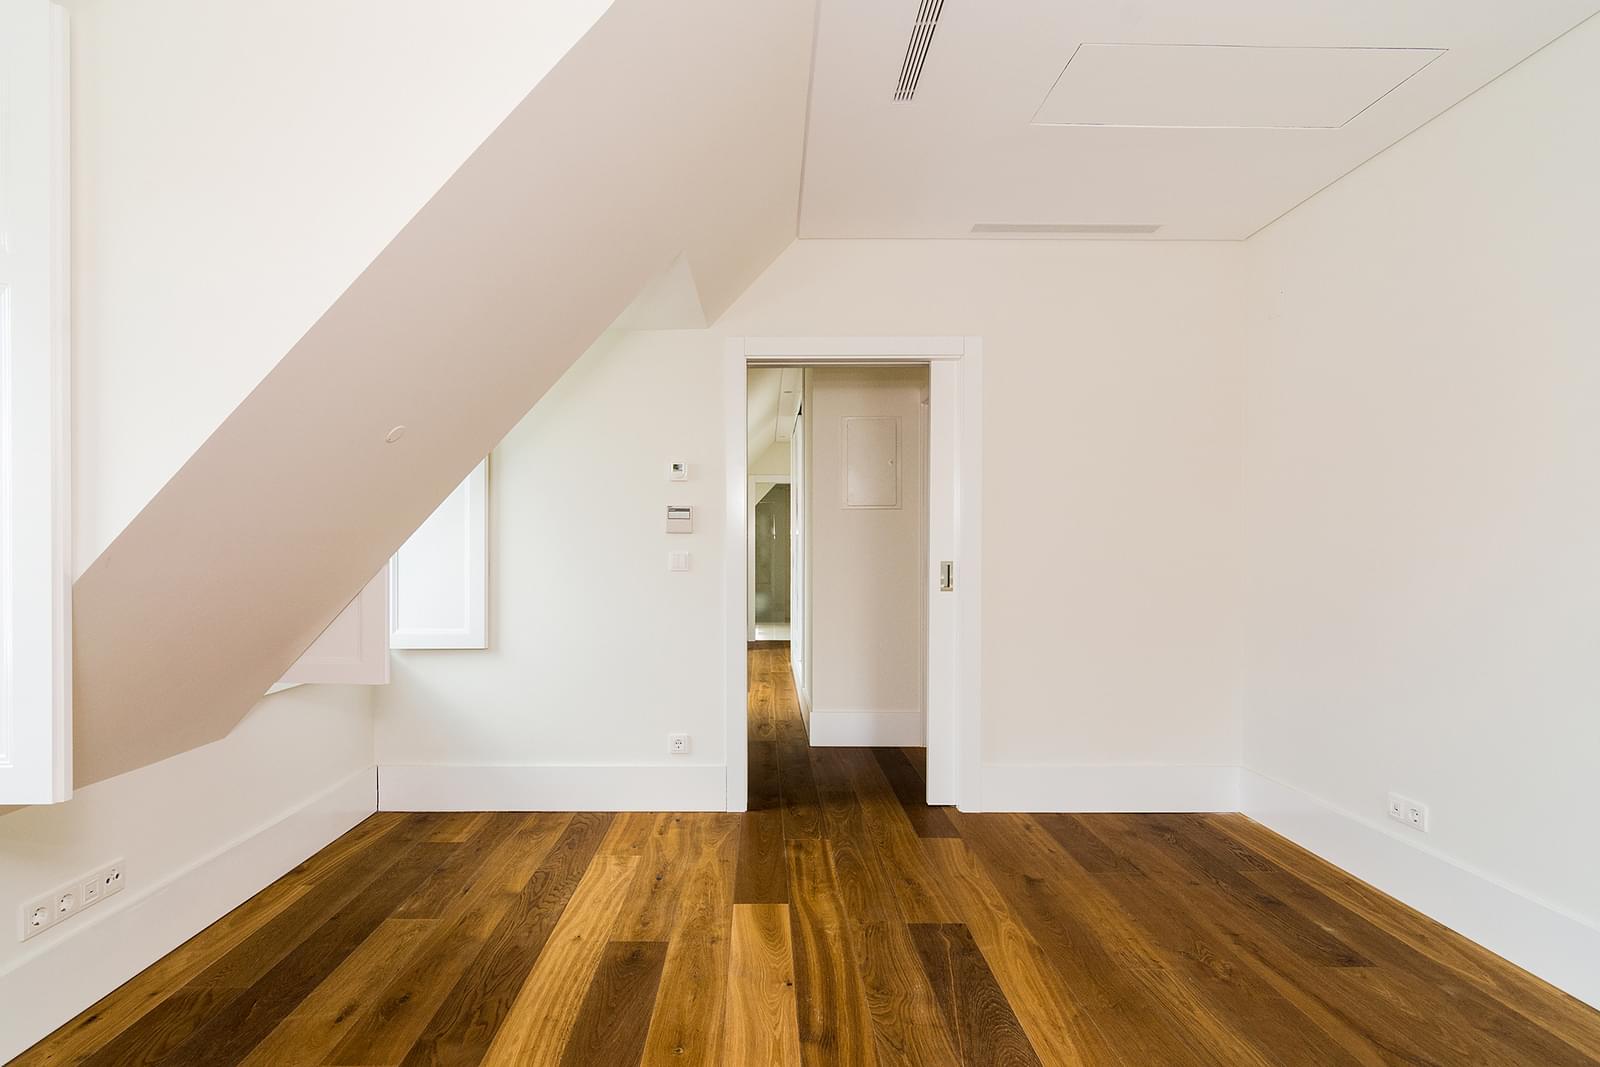 pf17442-apartamento-t3-lisboa-2db2b330-b290-484b-b854-4016d3a894f9